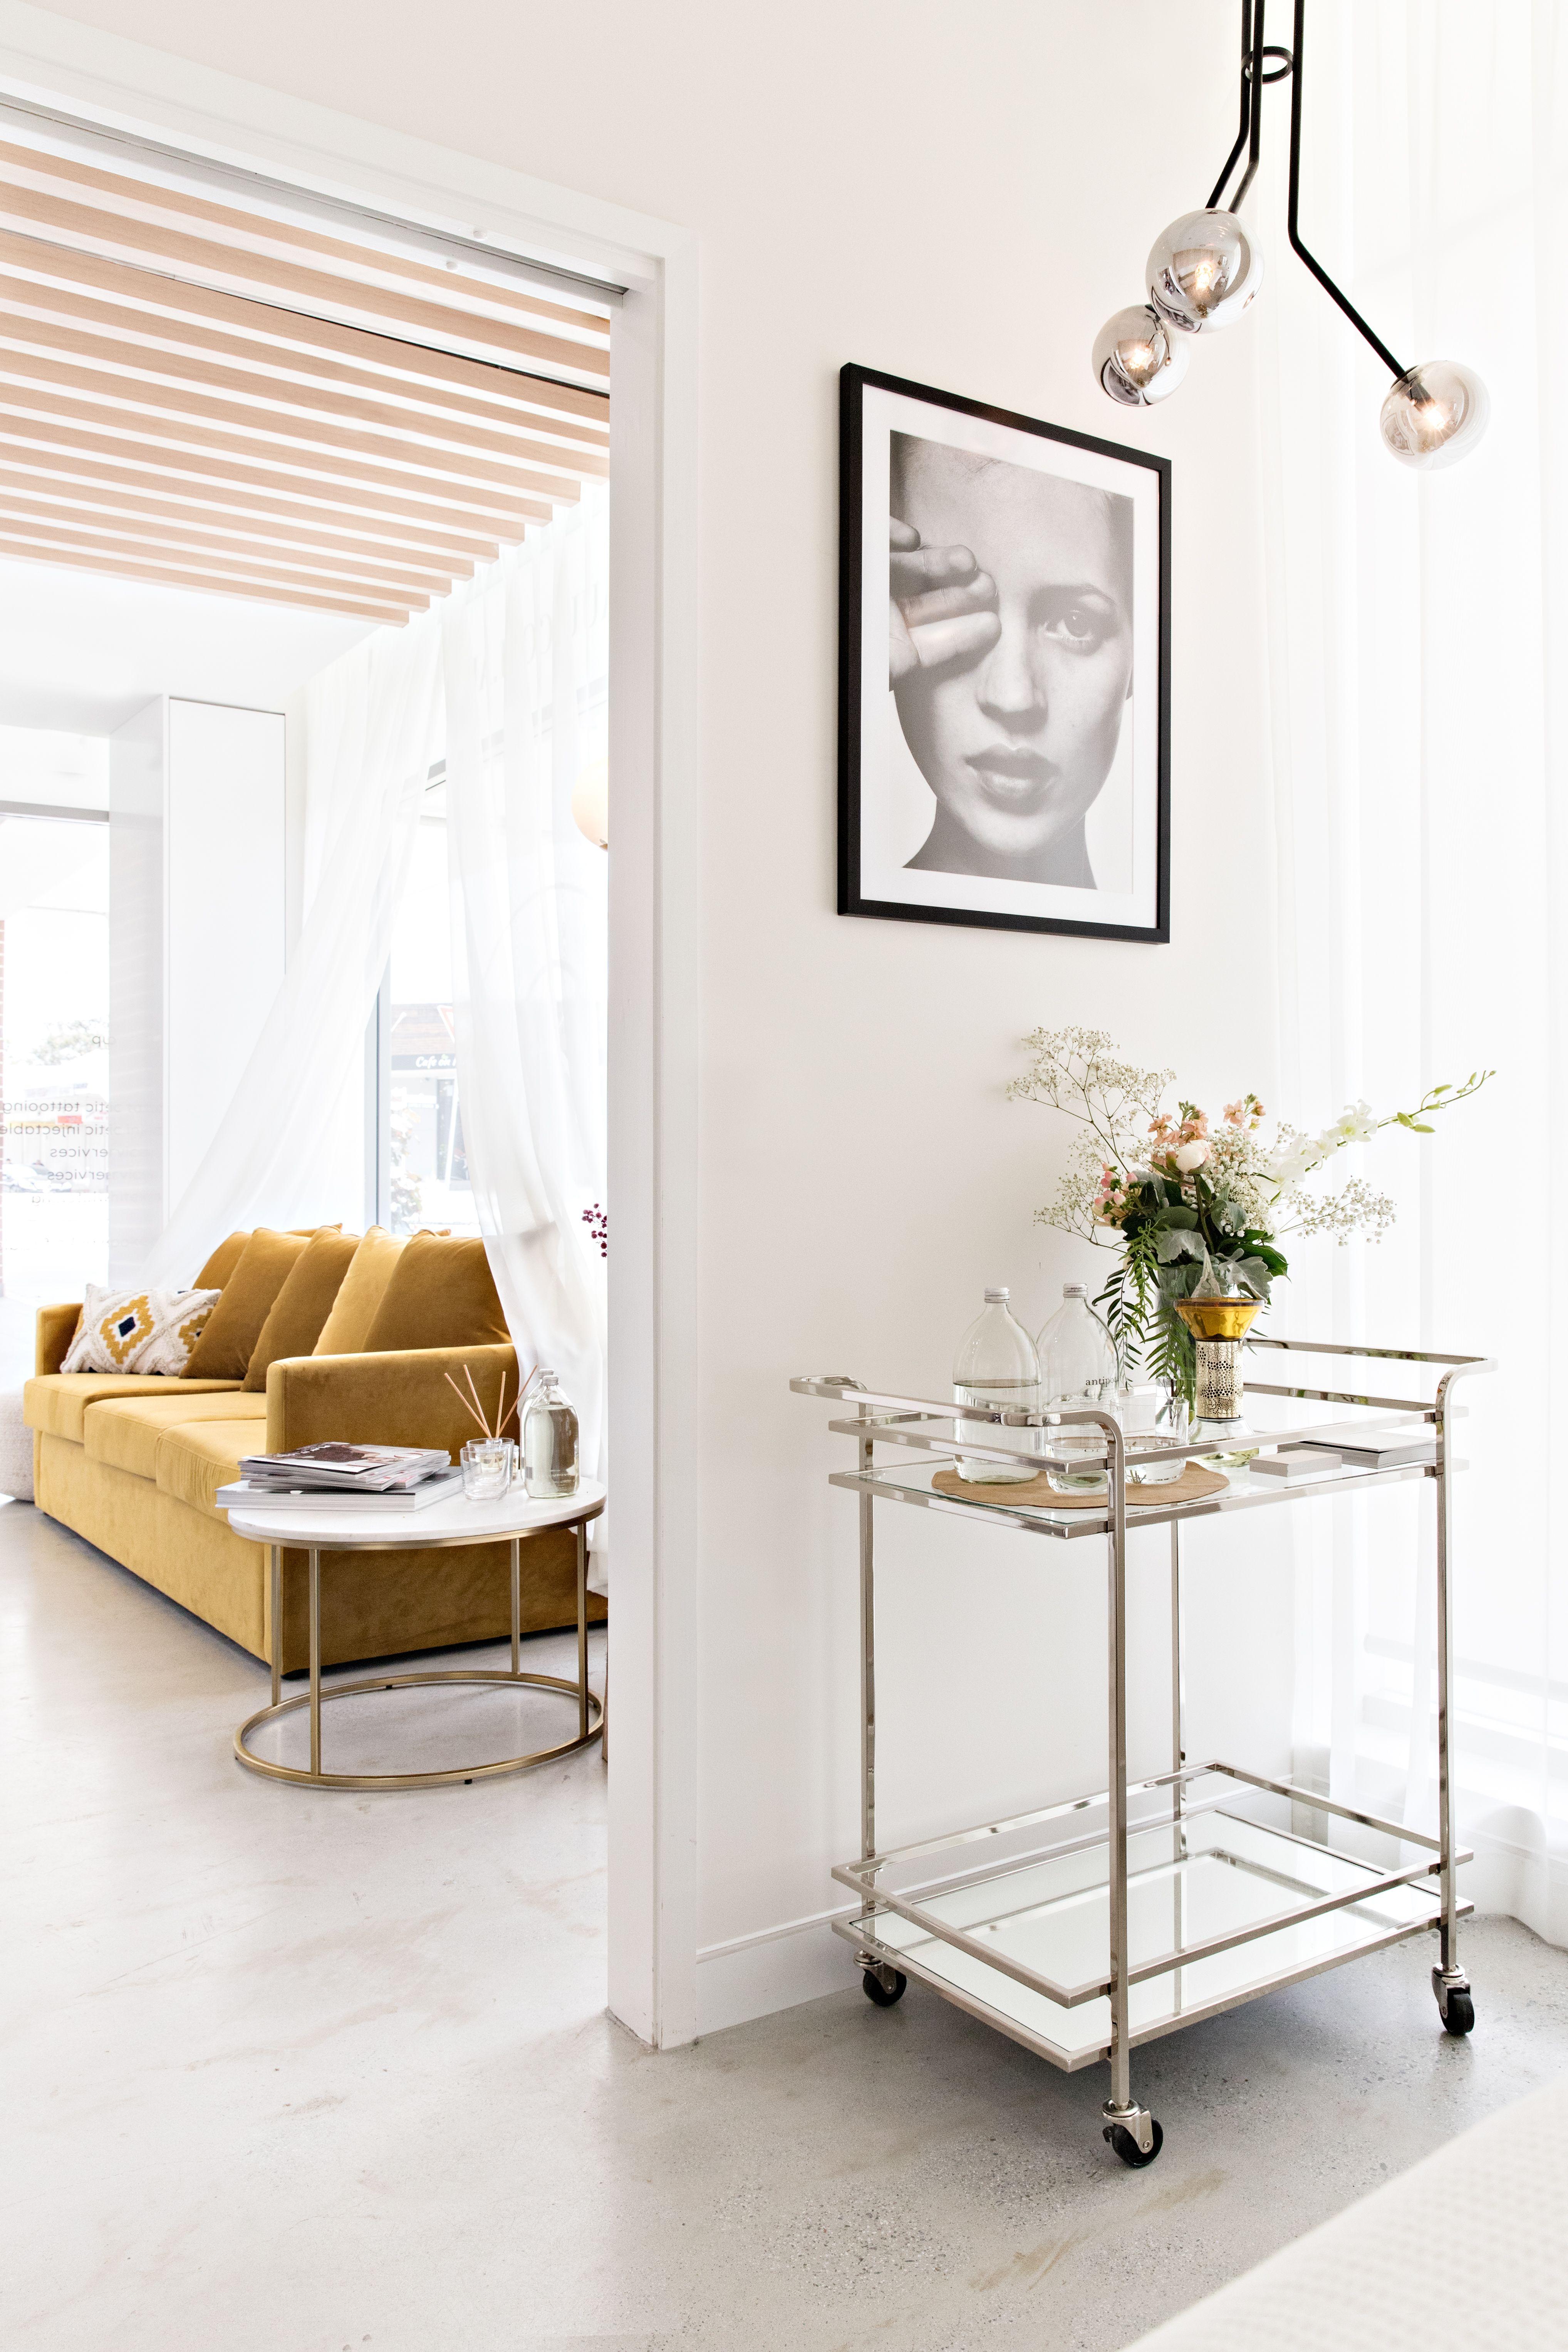 Beauu Sydney Interior Design Something More Design Photography The Palm Co Interior Design Home Interior